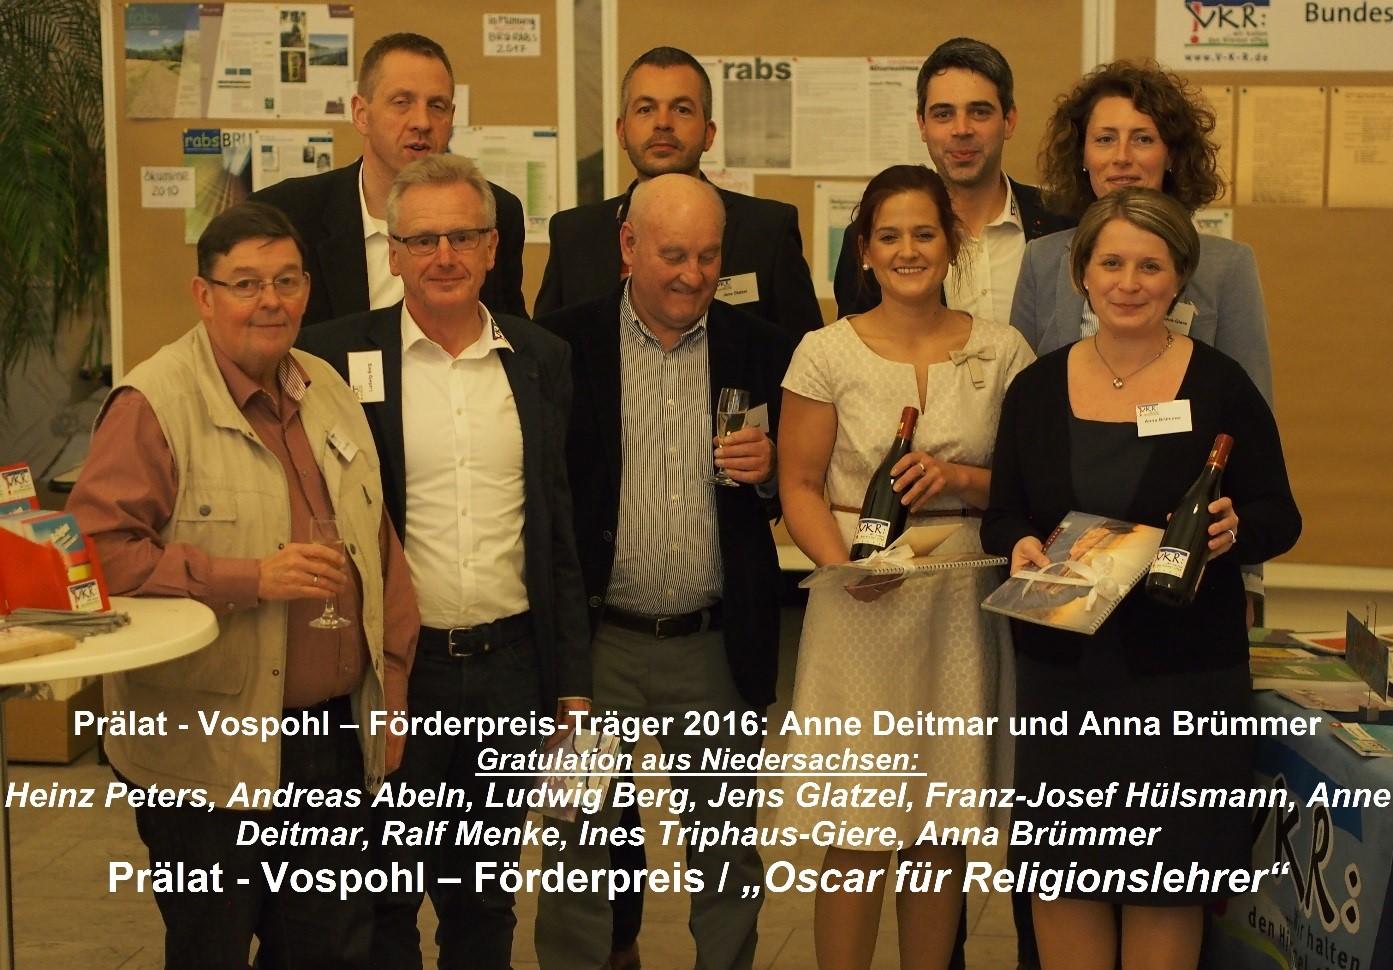 Prälat-Vospohl-Förderpreis 2016